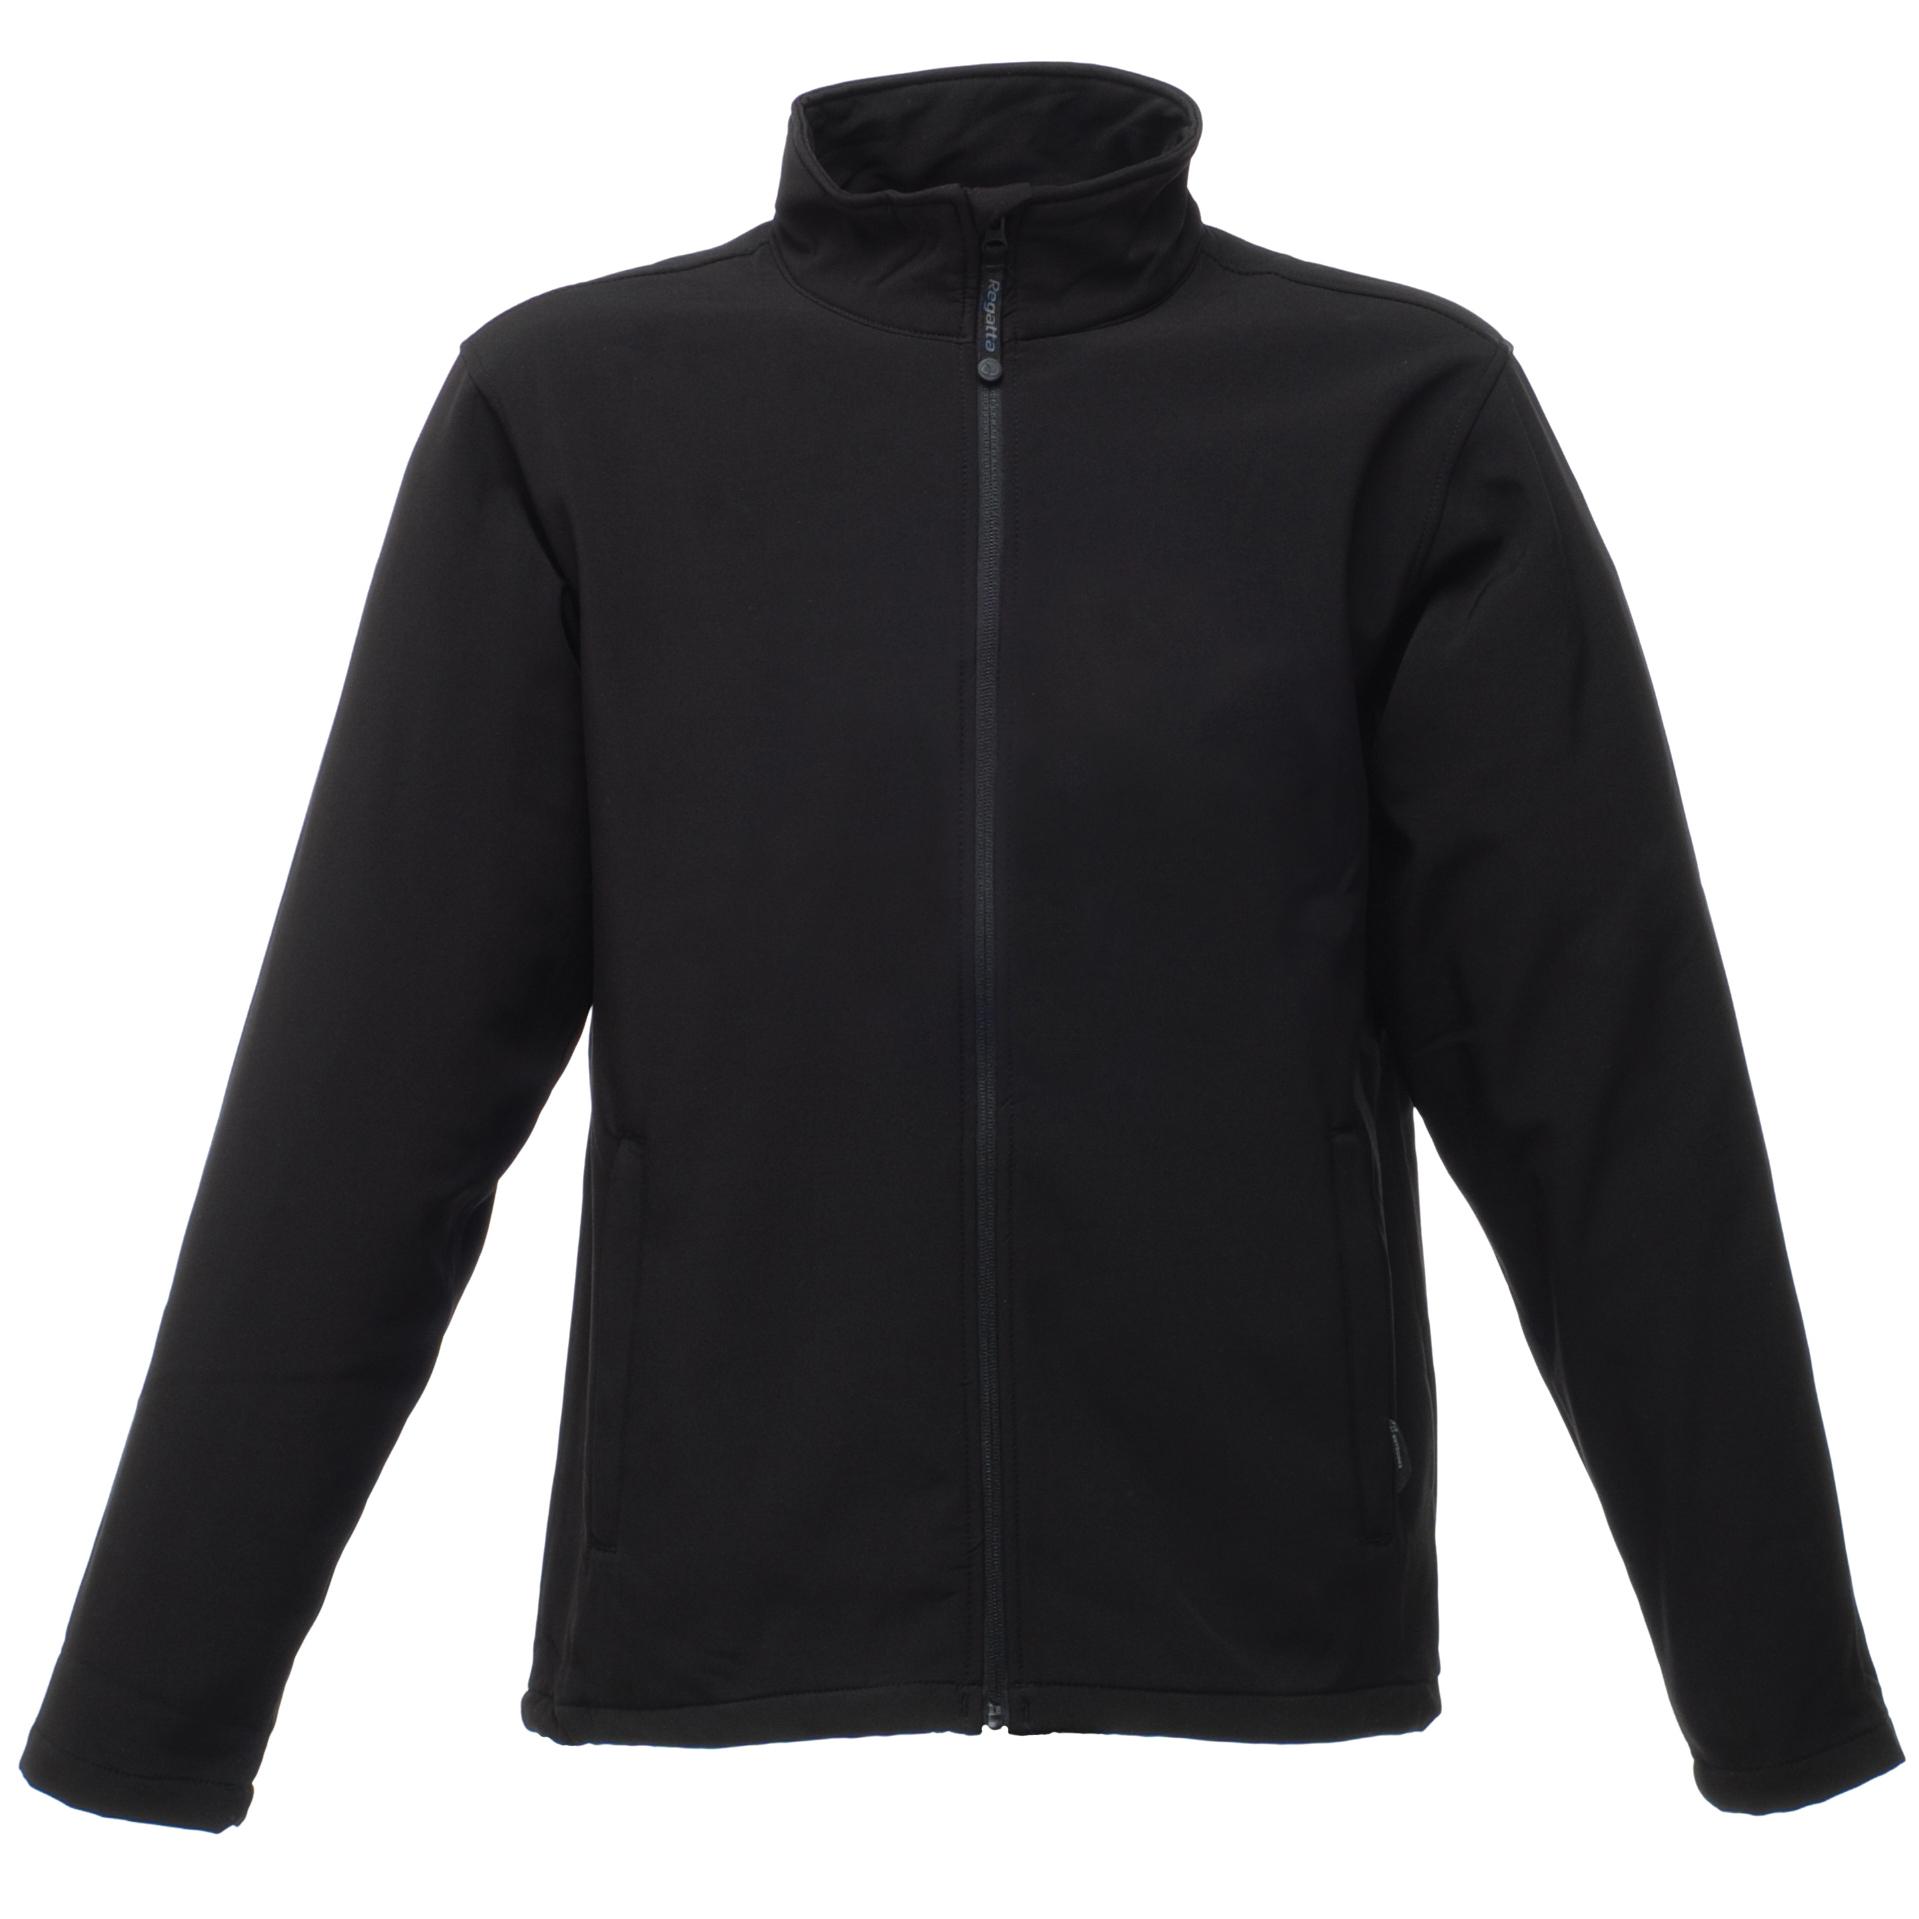 Regatta-Mens-Reid-Water-Repellent-Softshell-Jacket-RW1194